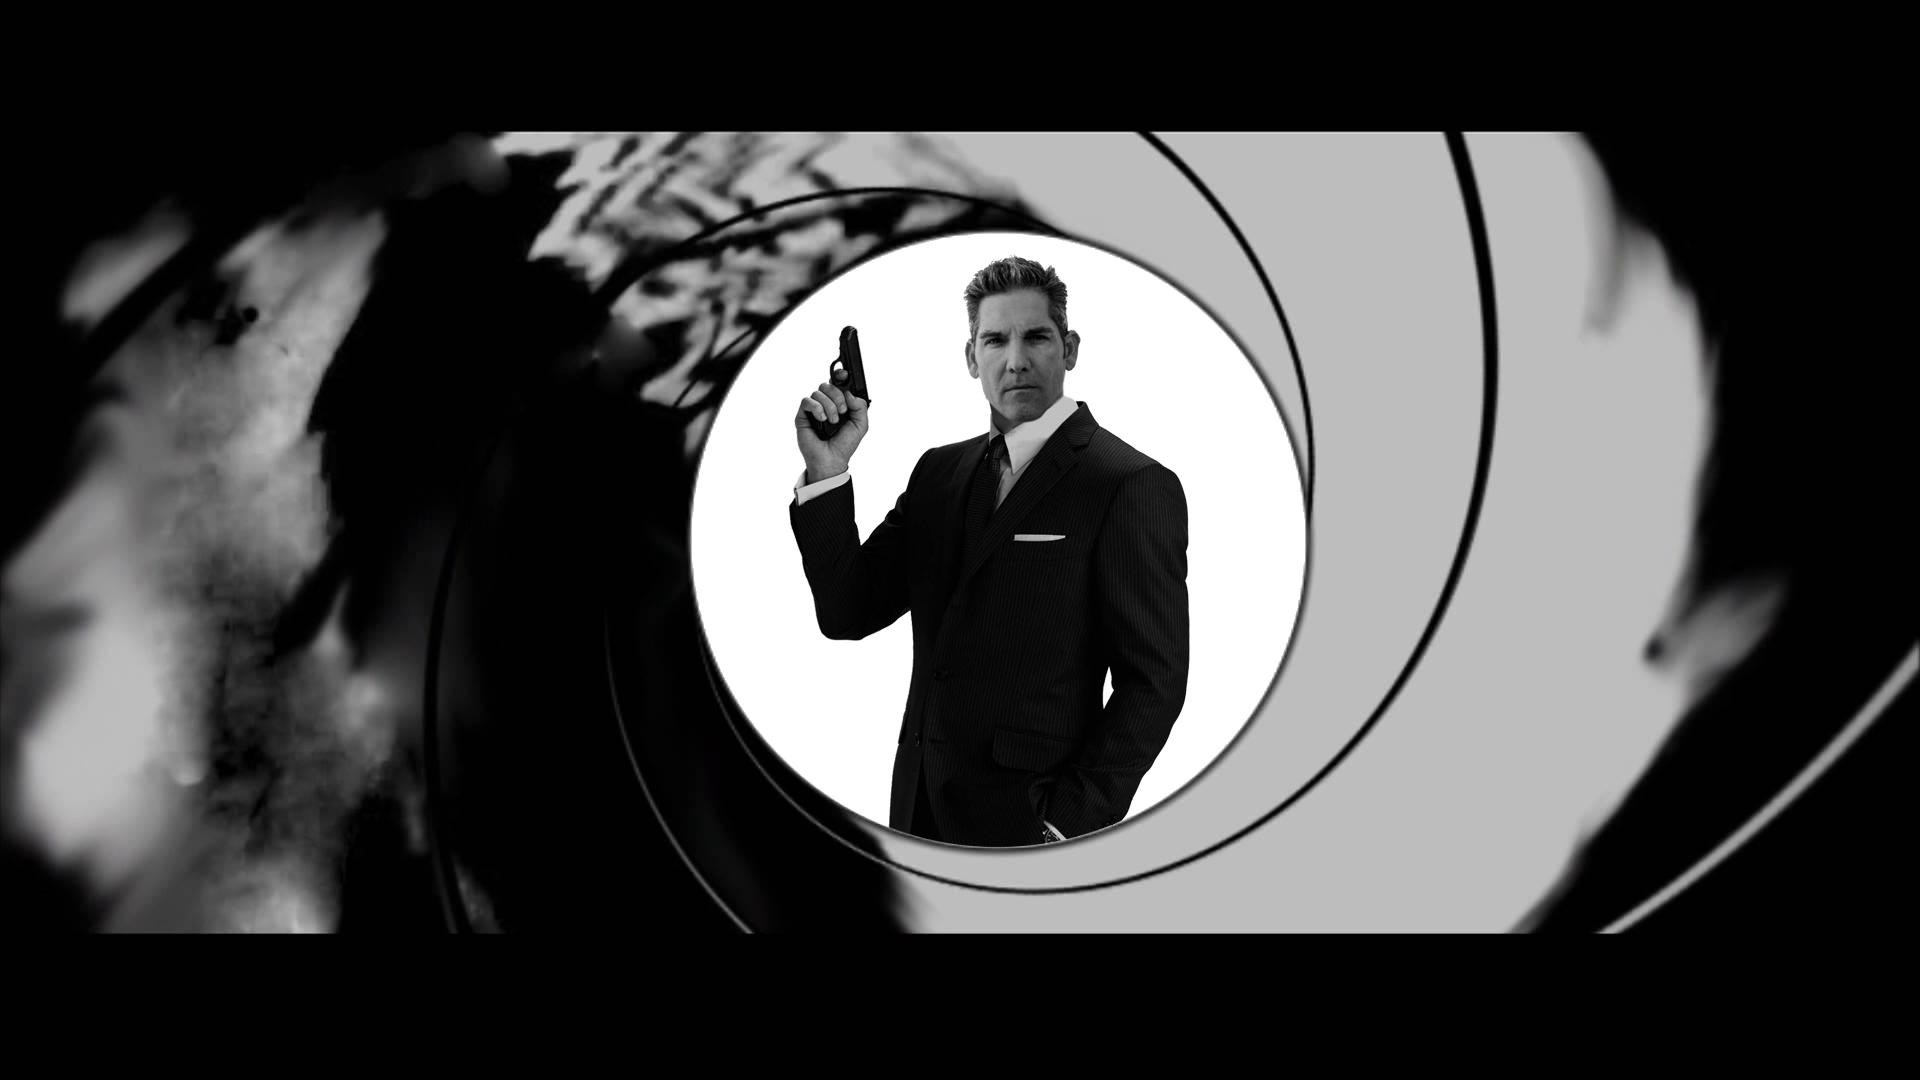 How To Be Like James Bond